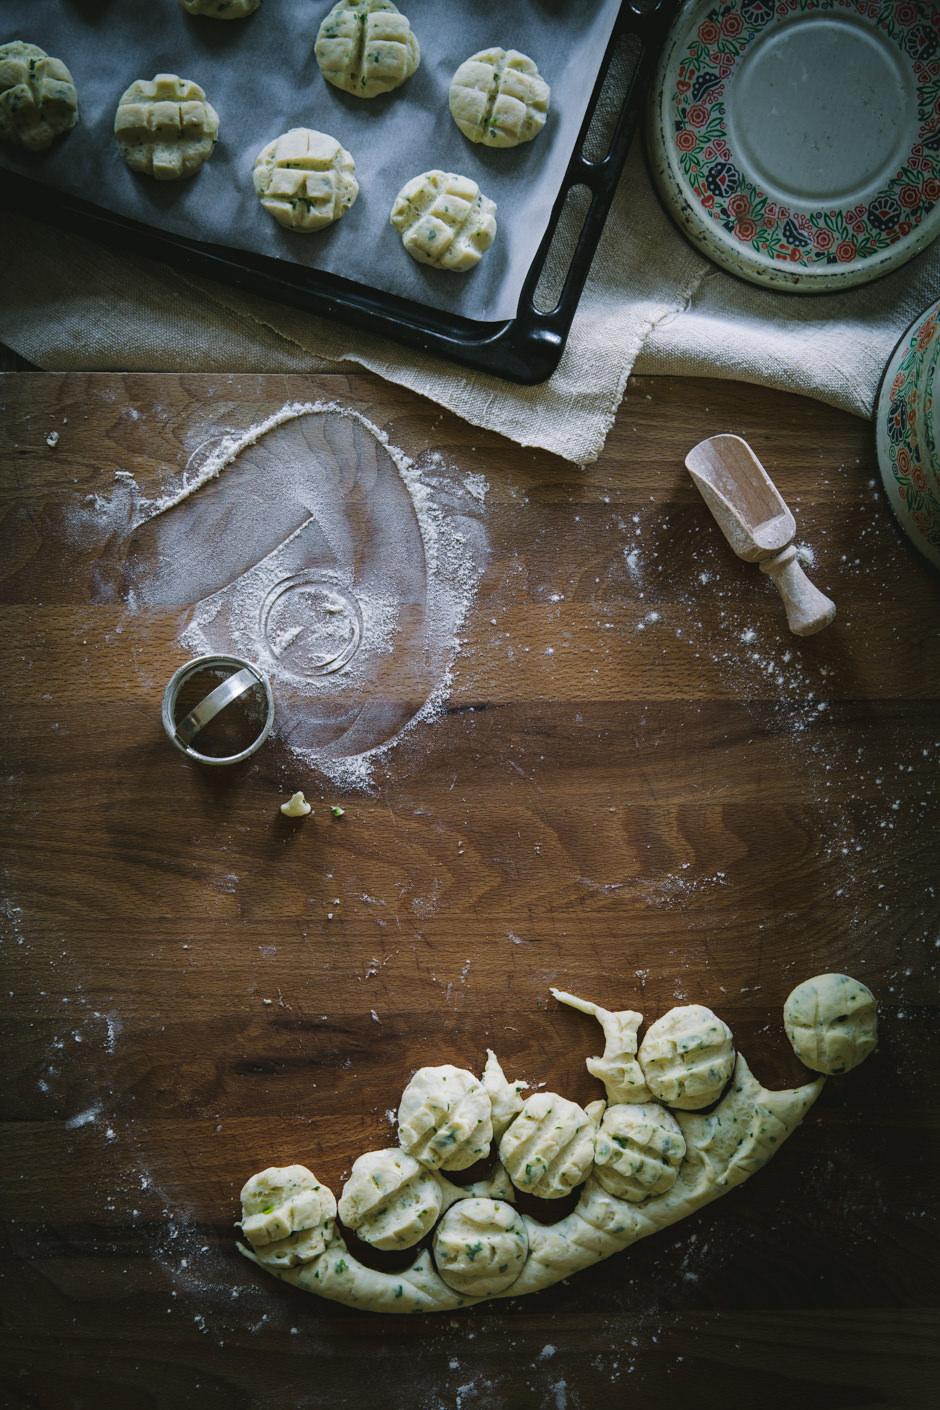 medvehagymás krumplis pogácsa az Emlékek Íze vidéki konyhájából/wild garlic and potato scones from the Taste of Memories Hungarian country kitchen www.tasteofmemories.com